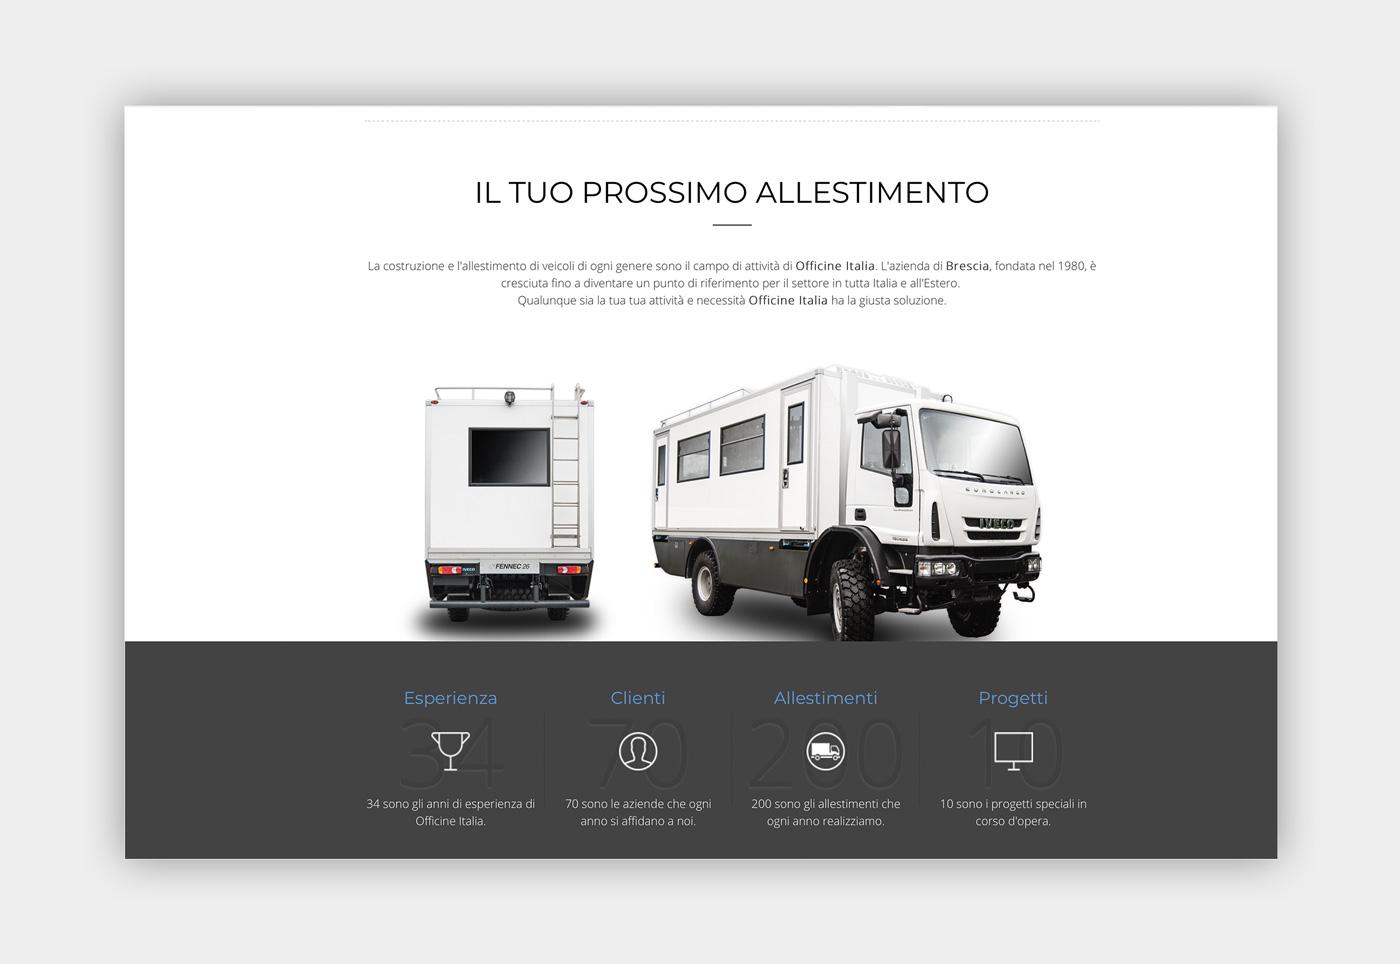 sito internet officine italia brescia